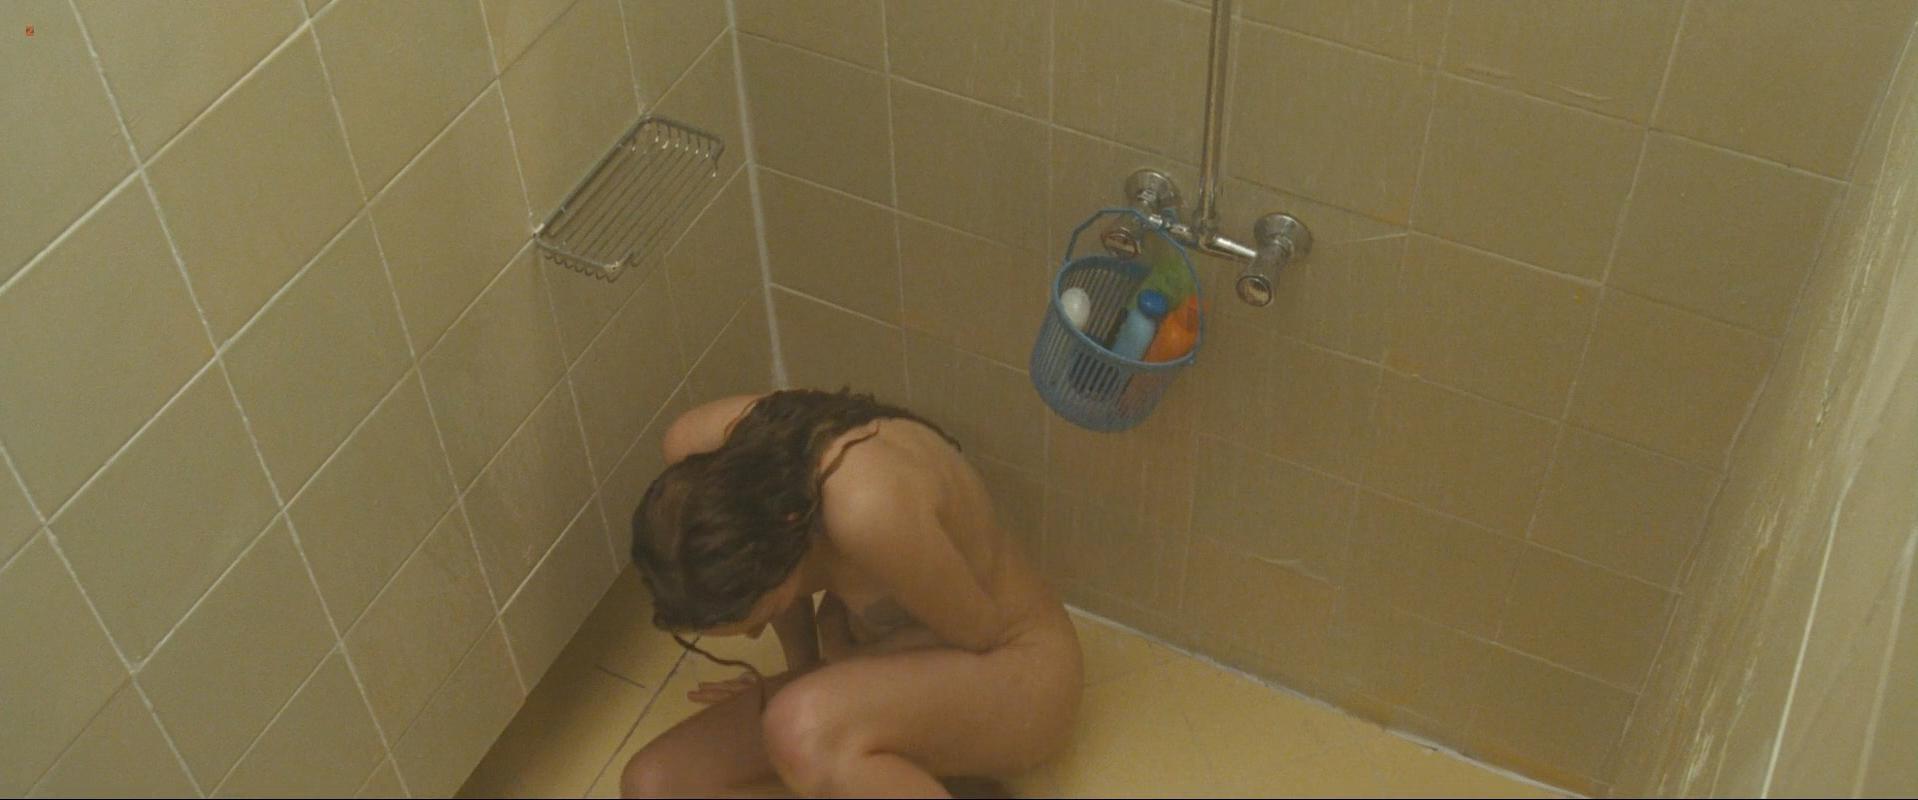 Bijou Phillips nude - It's Alive (2008)